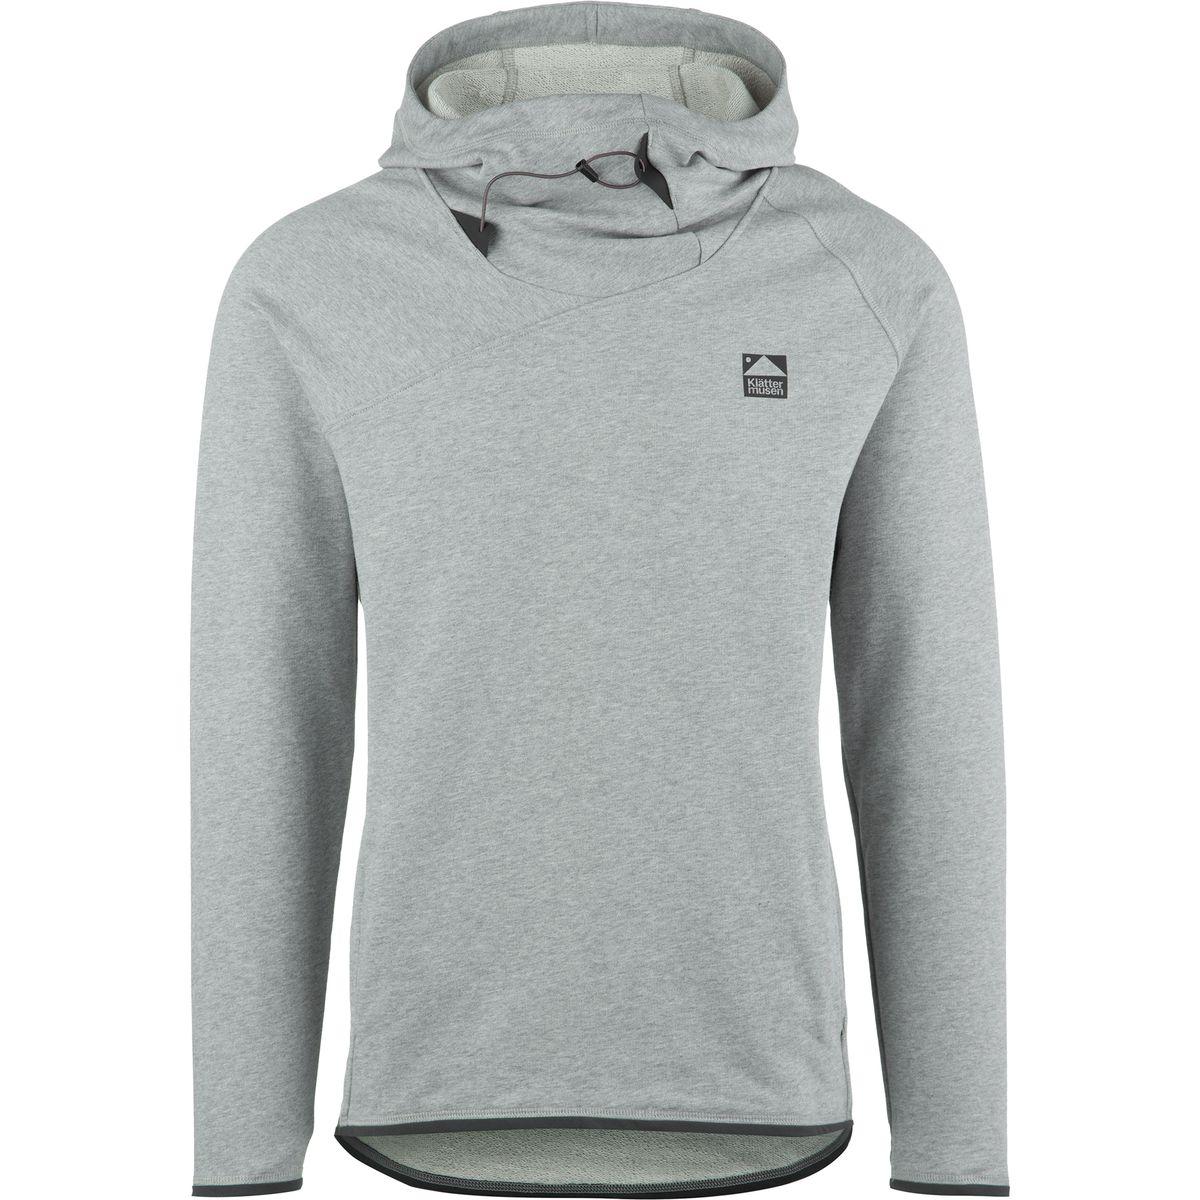 Falen Hooded Sweatshirt - Men